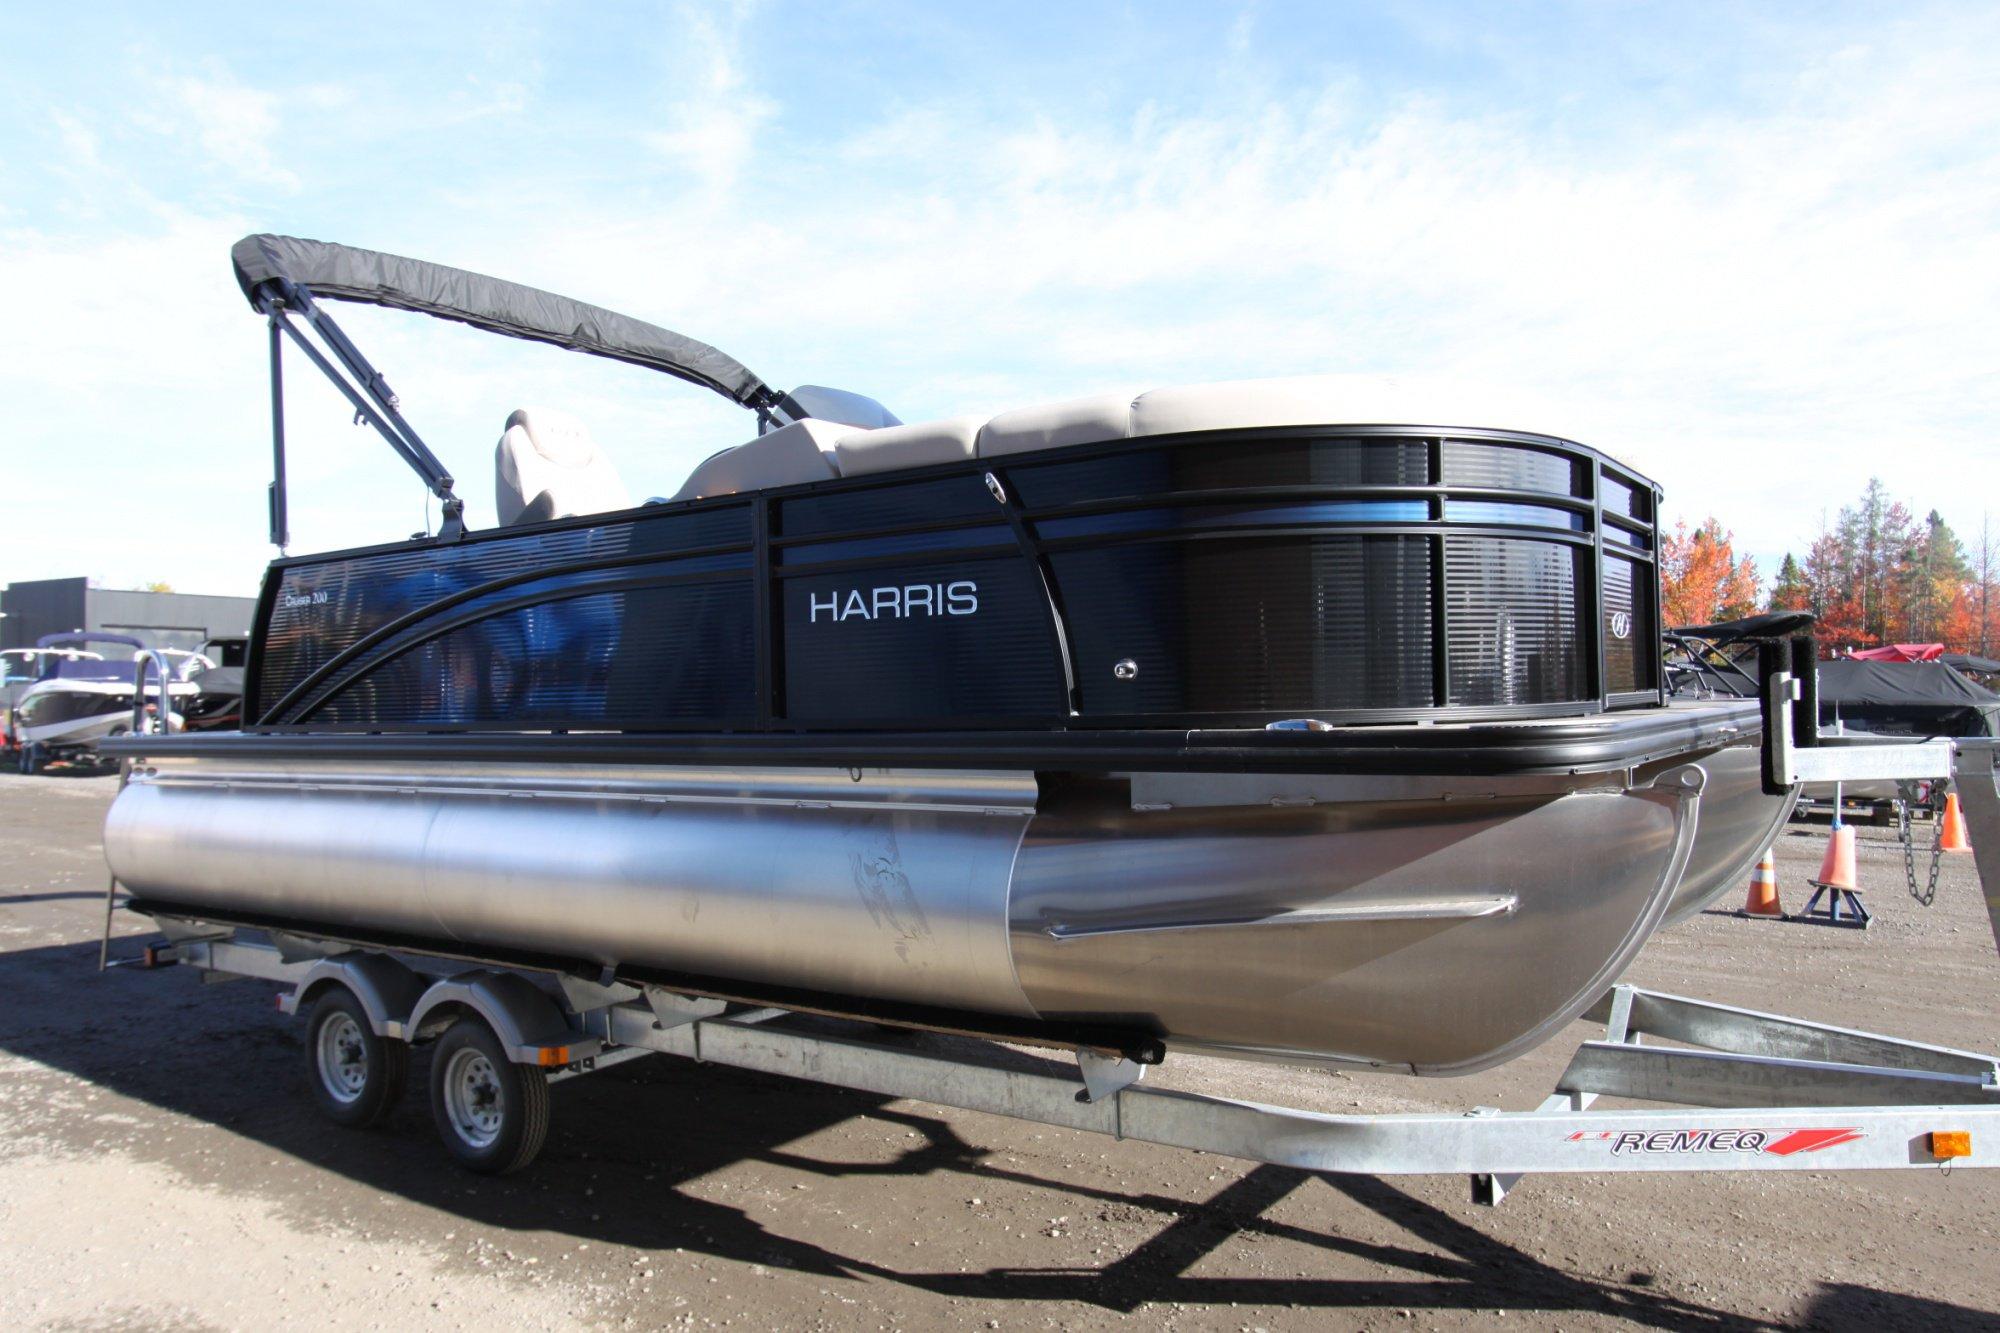 Harris Cruiser 200 - IMG_6191